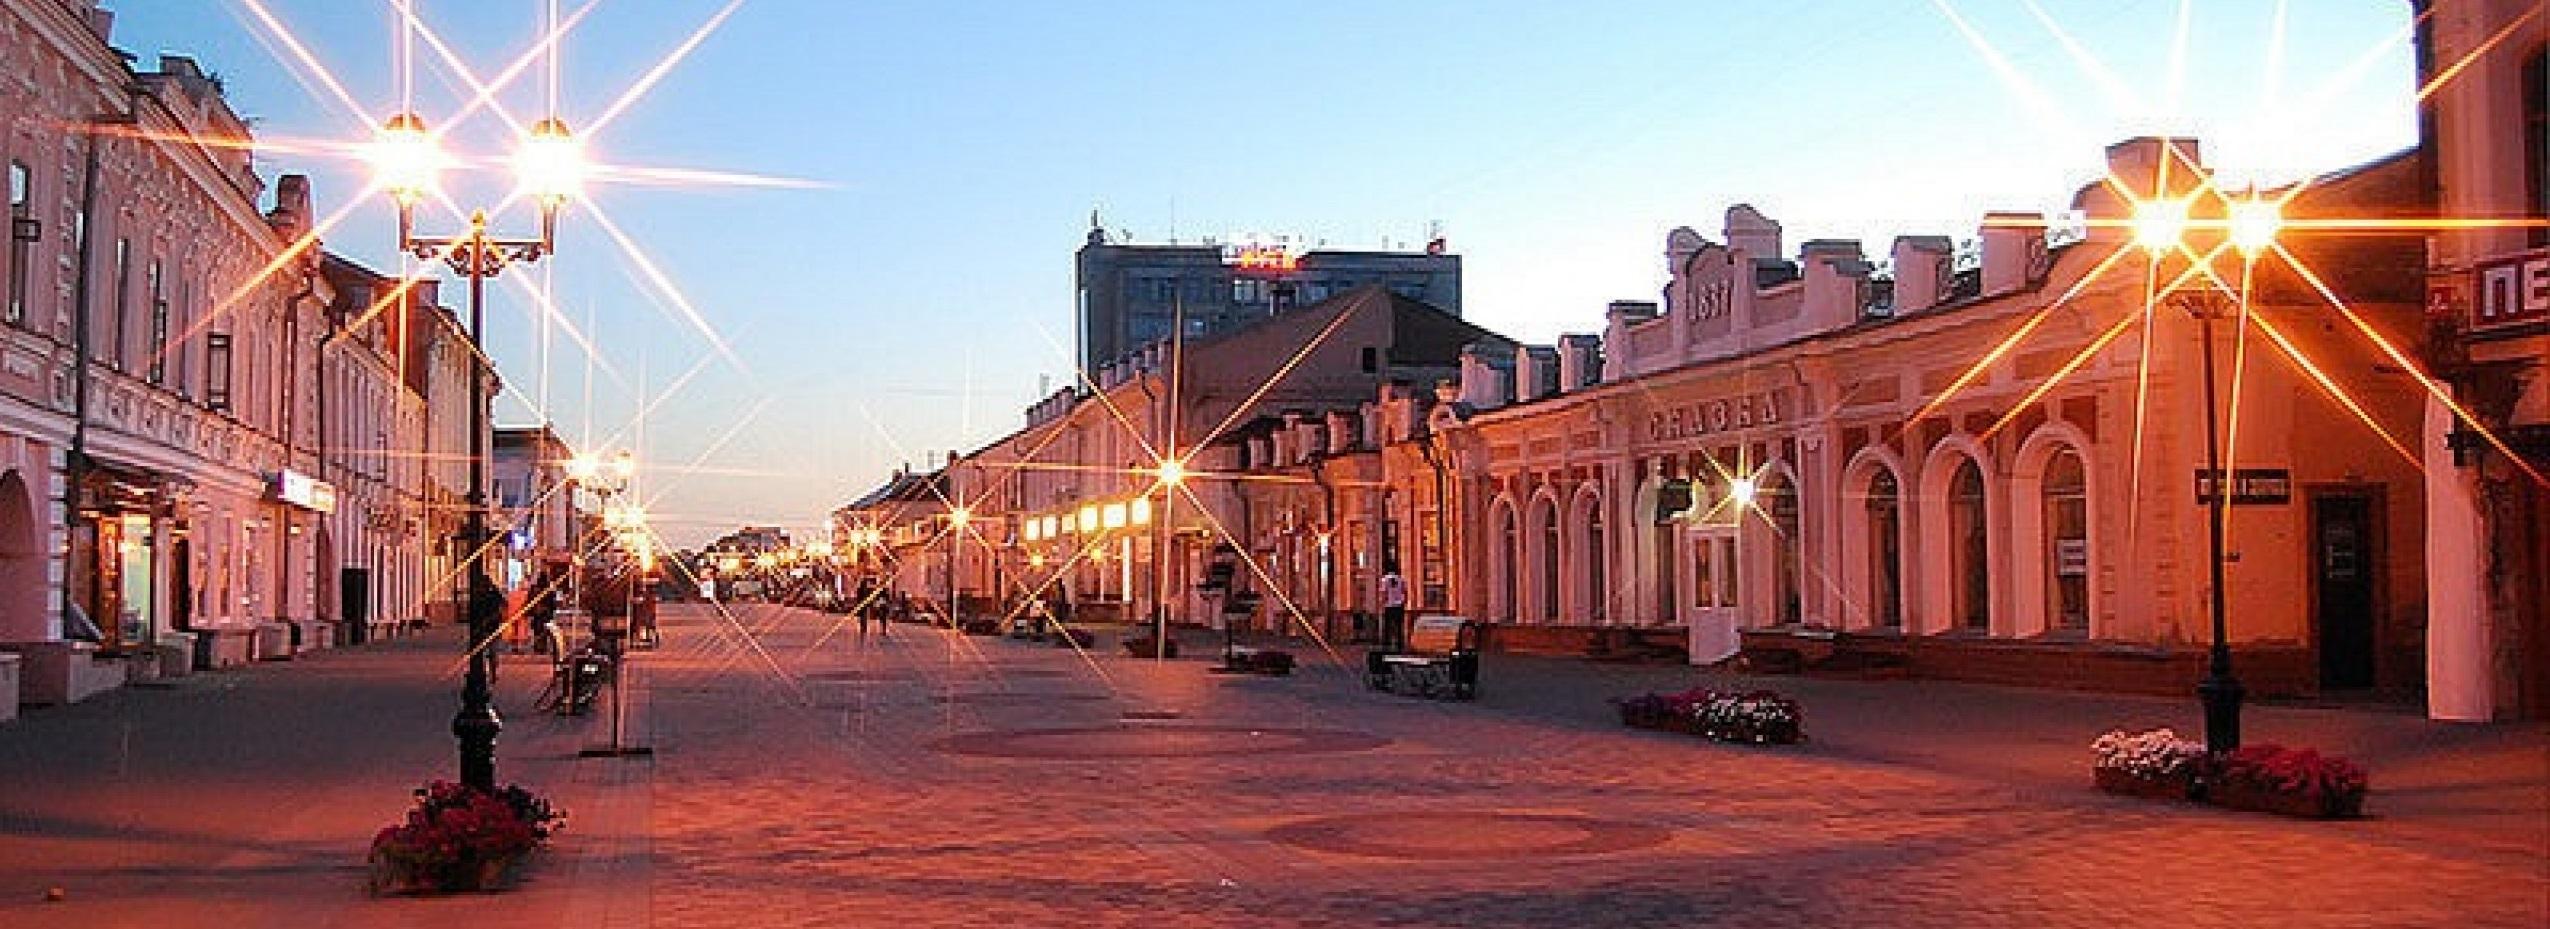 Грузоперевозки из Москвы в Тамбов